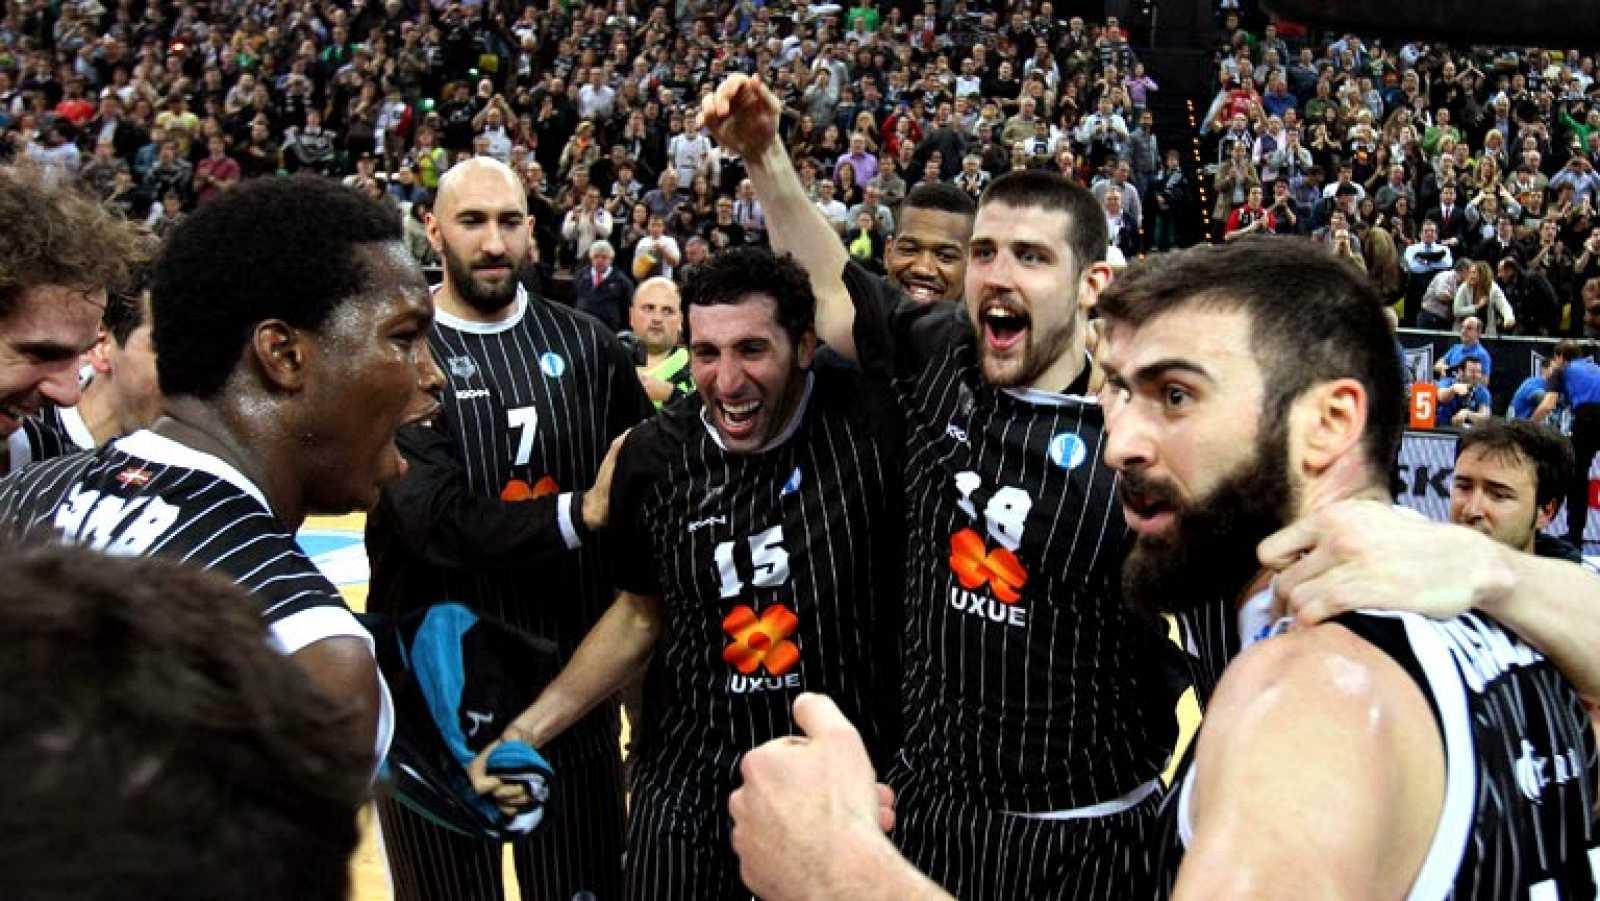 Calendario Eurocup.El Uxue Bilbao Basket Jugara La Final De La Eurocup